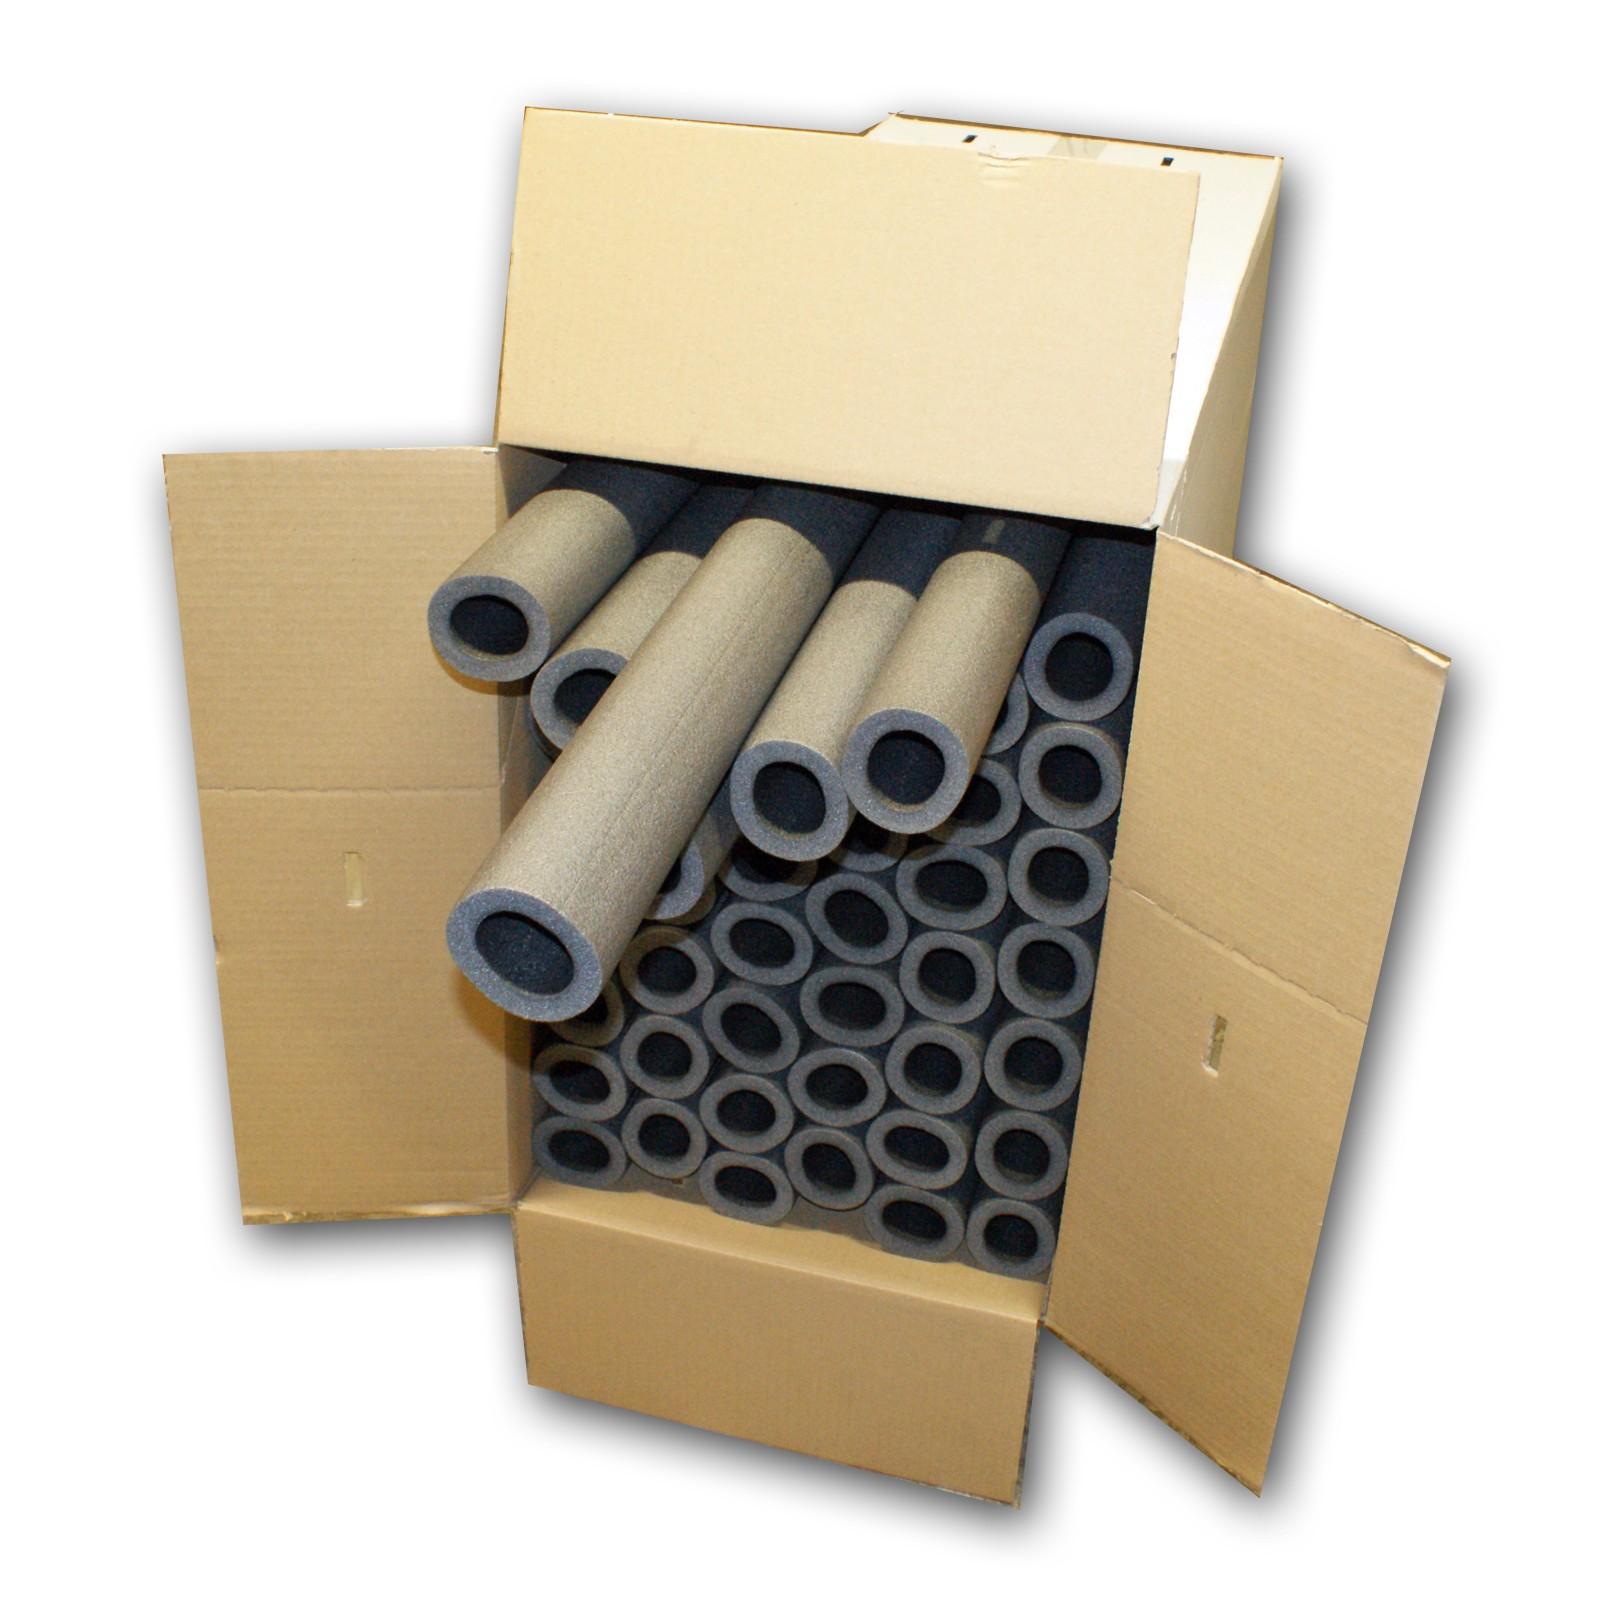 Isolierung Heizungsrohre Kaufen Favorit Isolierung F R